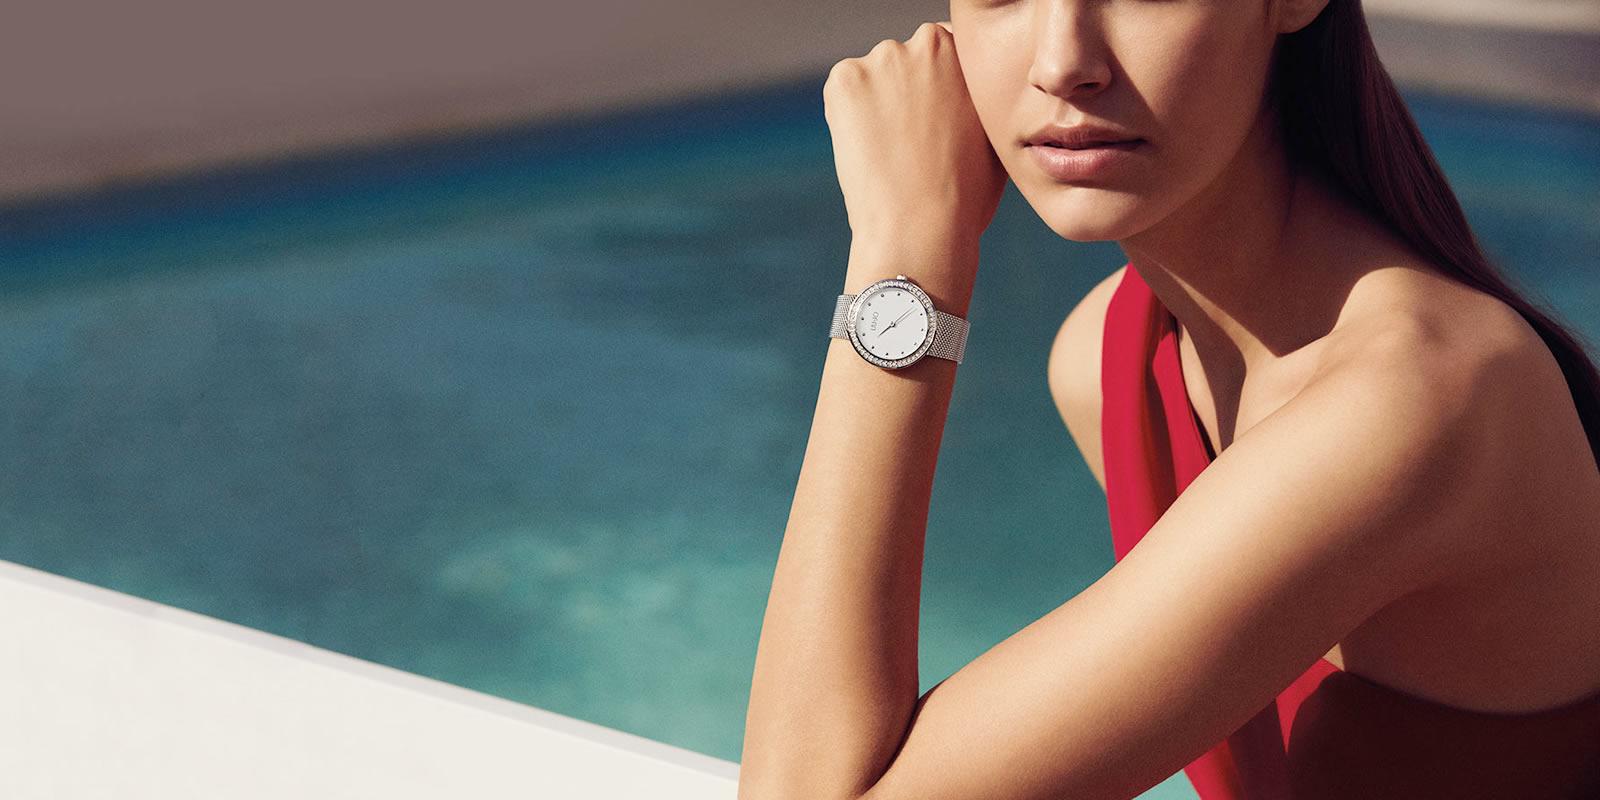 mister-watch-orologeria-gioielleria-biella-borgomanero-orologio-donna-liu-jo-luxury-round